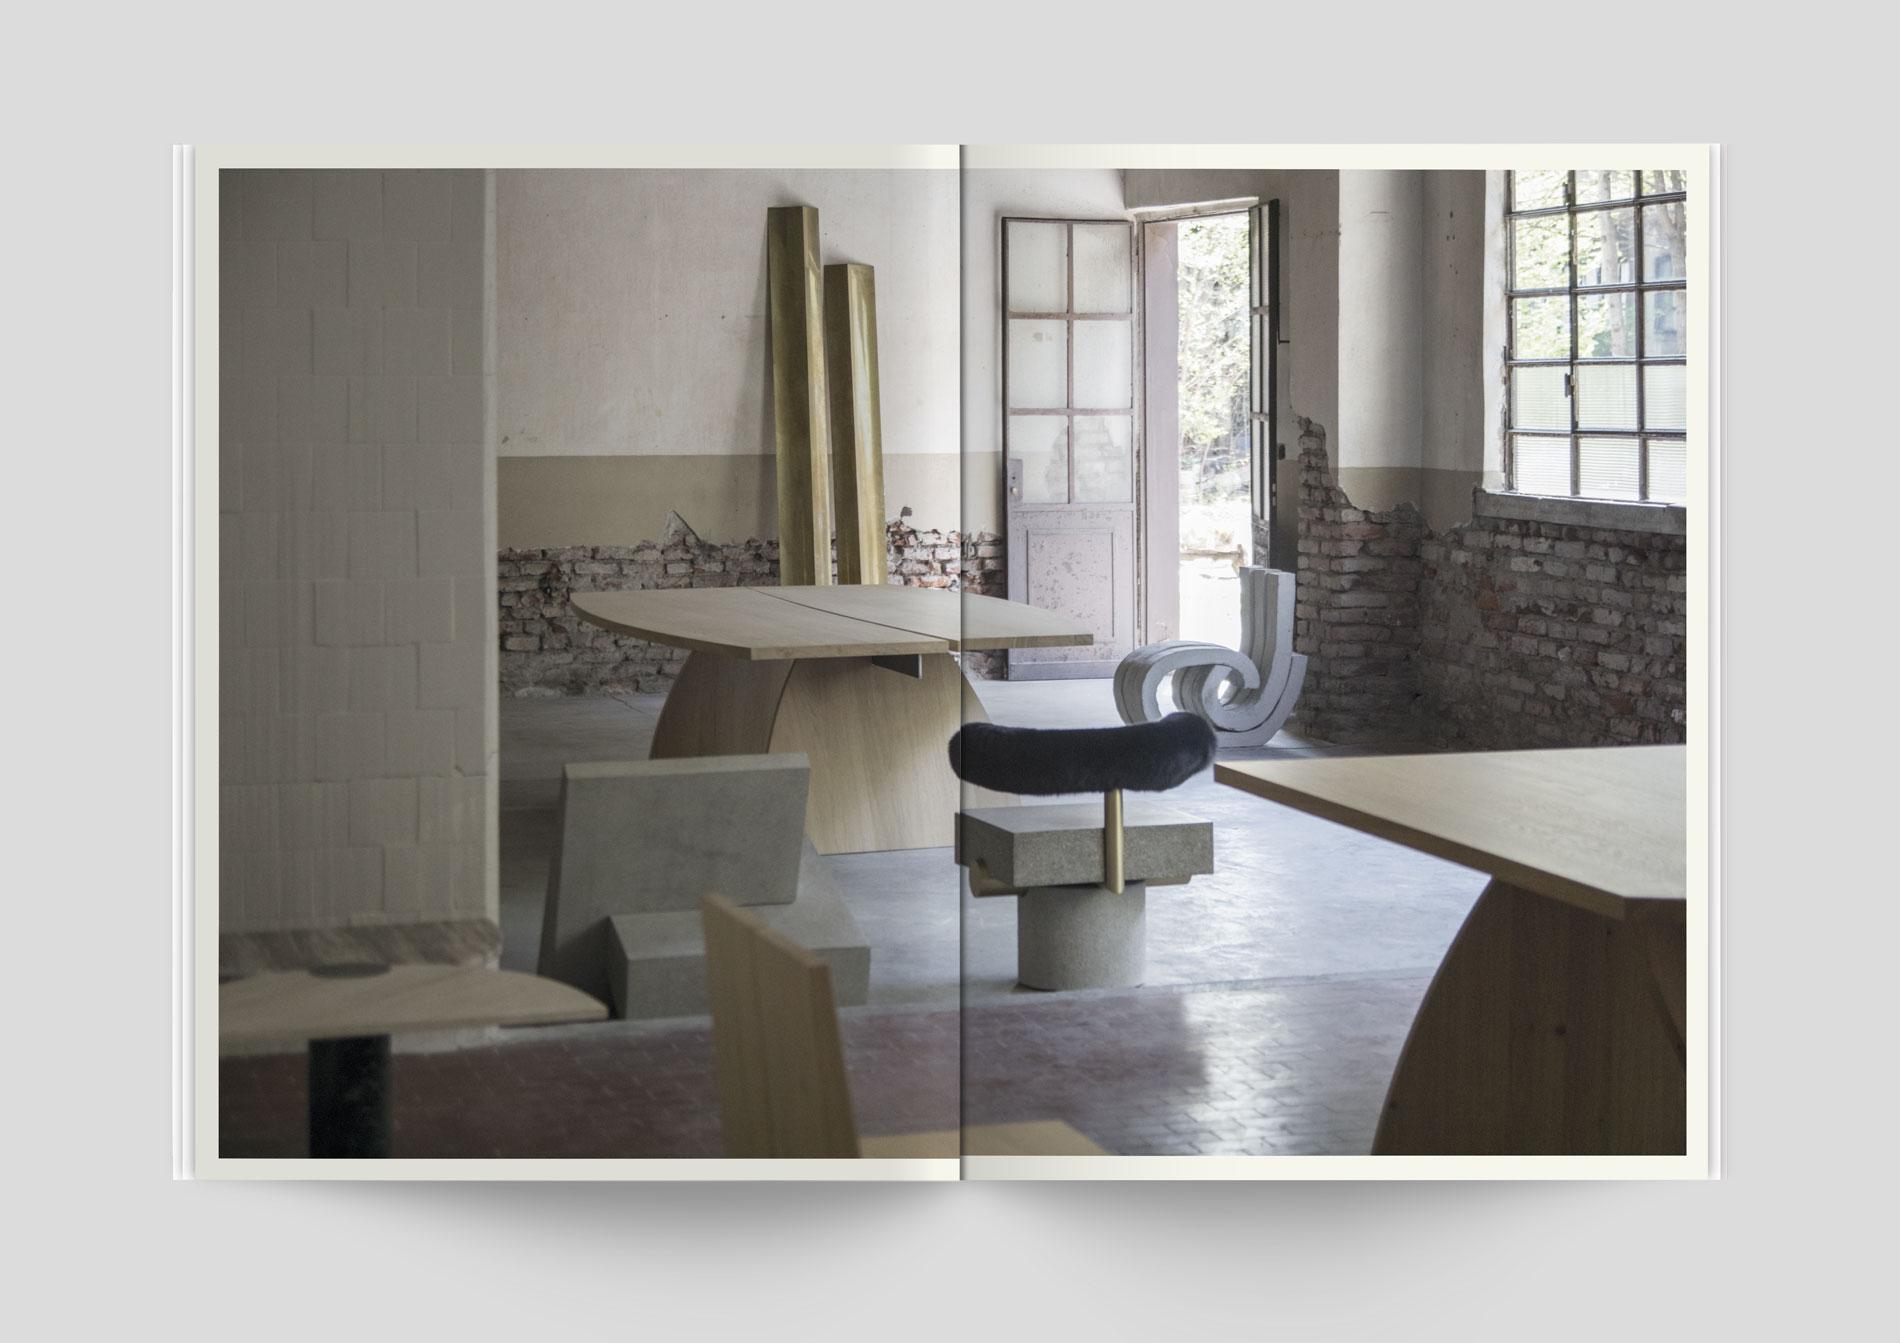 nicoletta-dalfino-van-rossum-andrea-tognon-lookbook-2018-spread-04